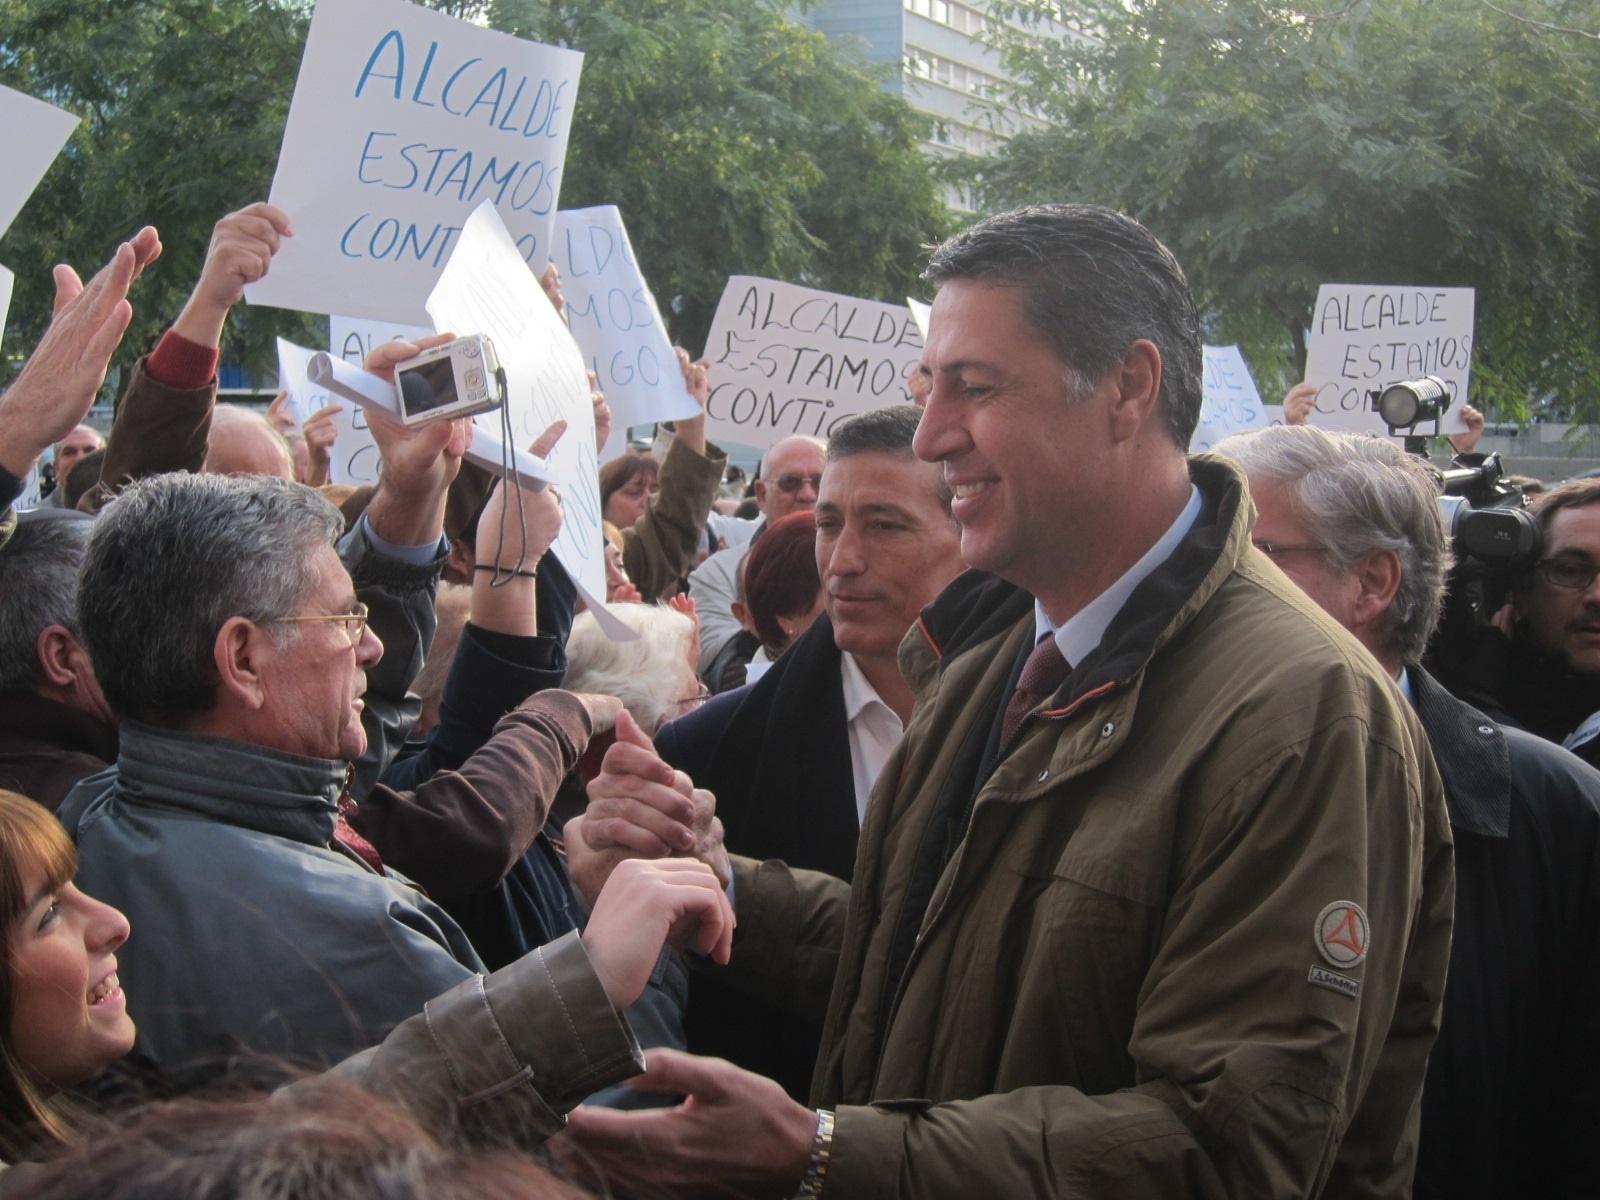 Alcalde de Badalona: los problemas con gitanos rumanos «son datos objetivos»